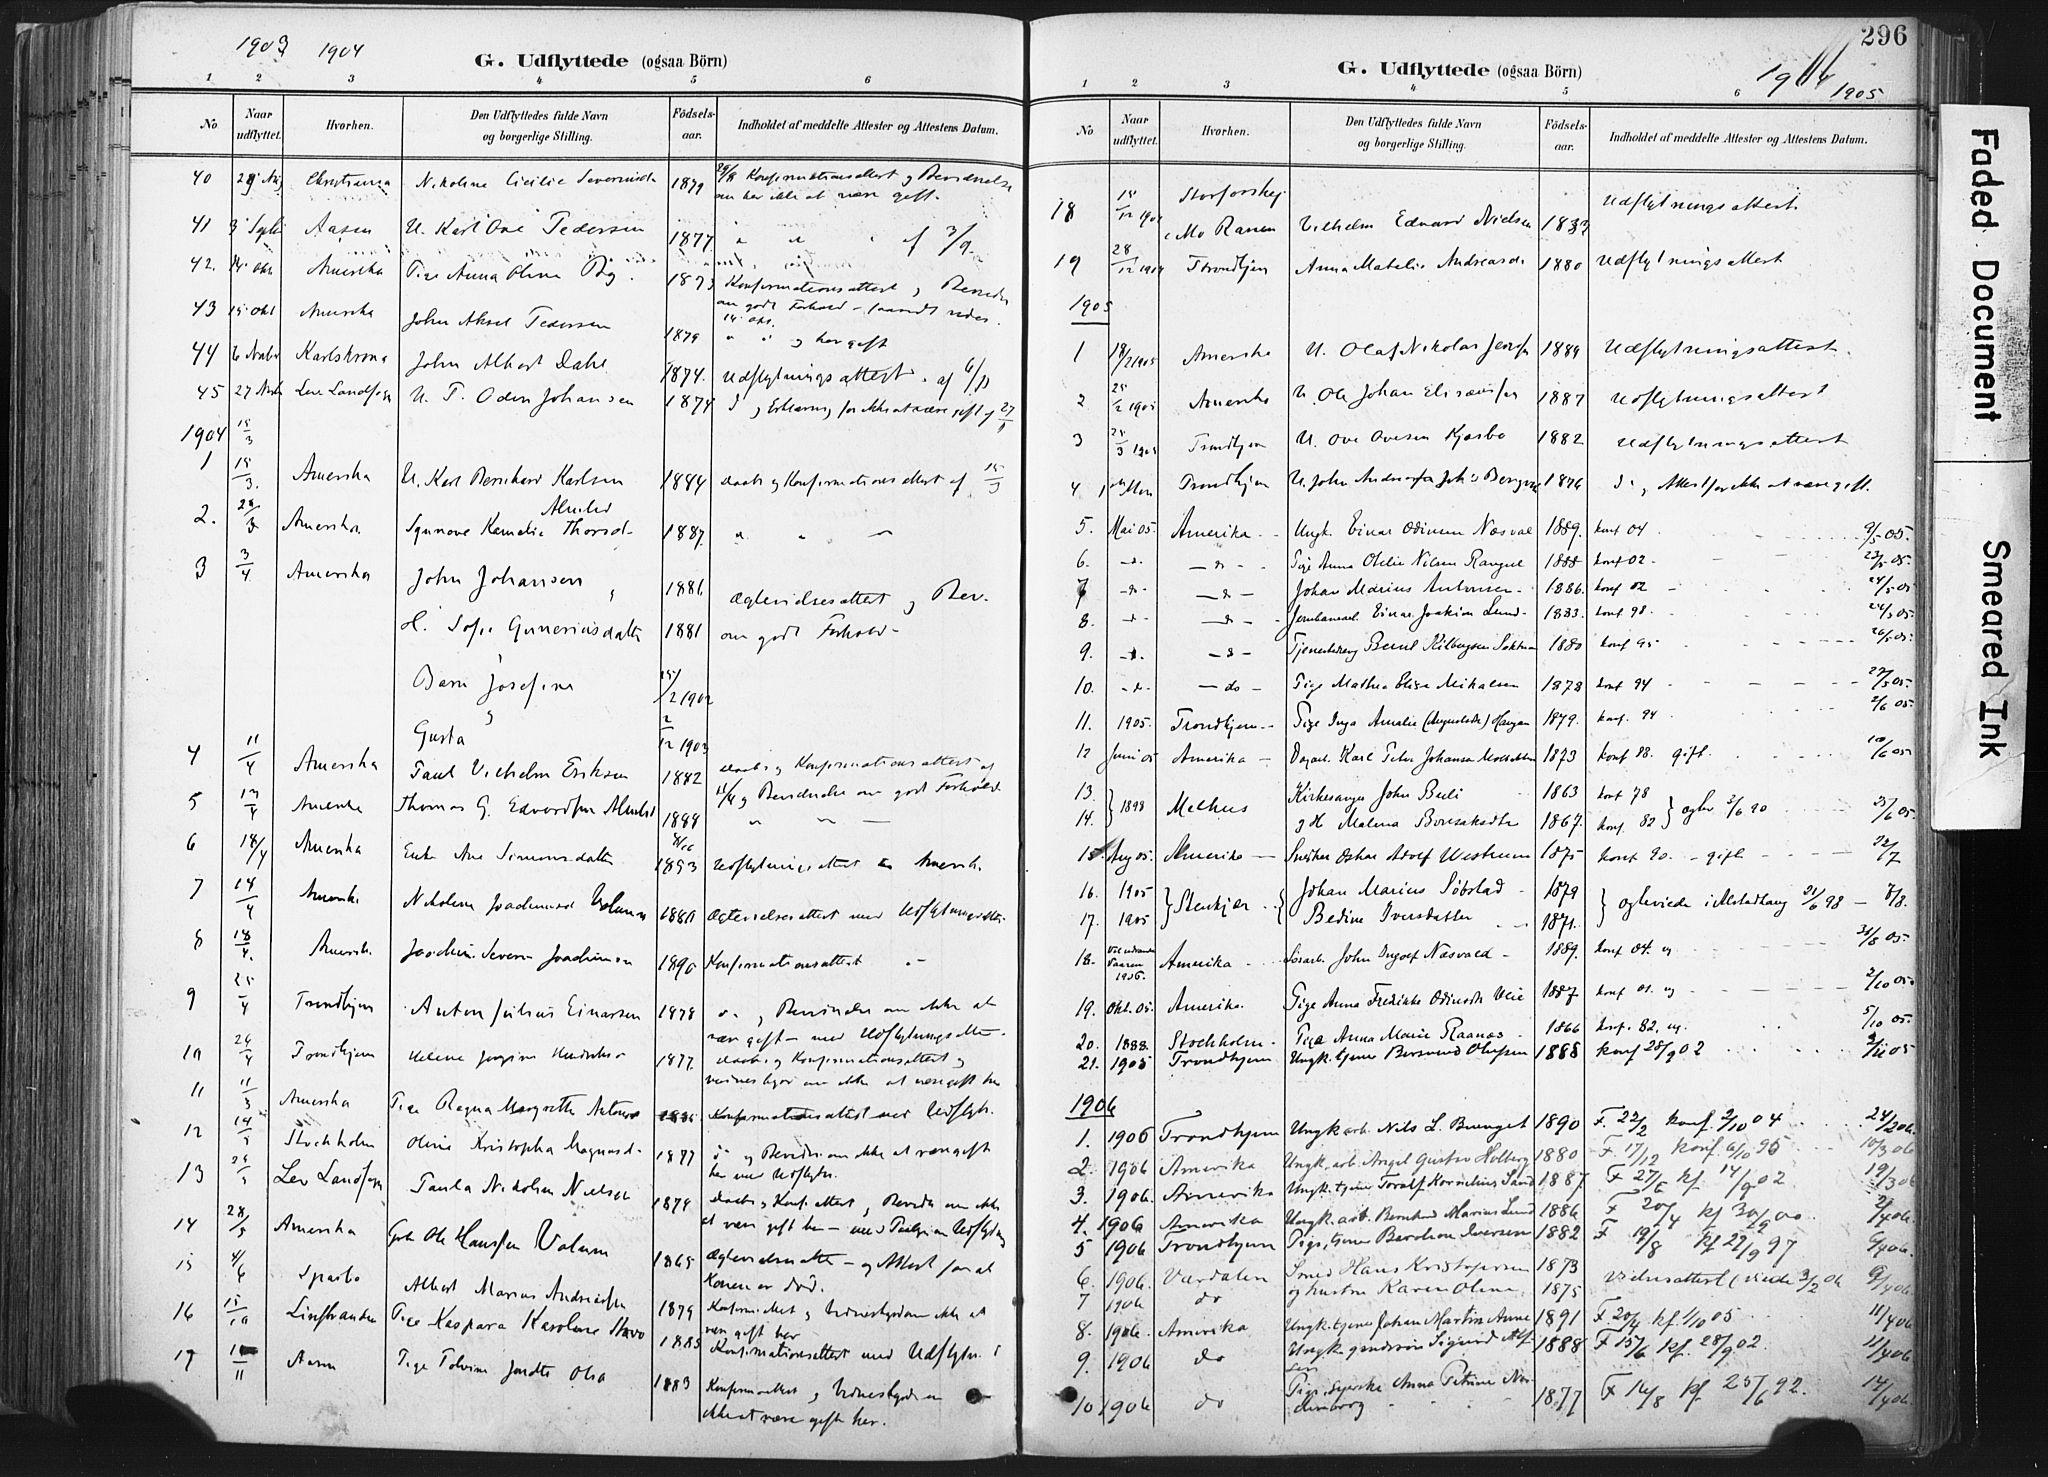 SAT, Ministerialprotokoller, klokkerbøker og fødselsregistre - Nord-Trøndelag, 717/L0162: Ministerialbok nr. 717A12, 1898-1923, s. 296